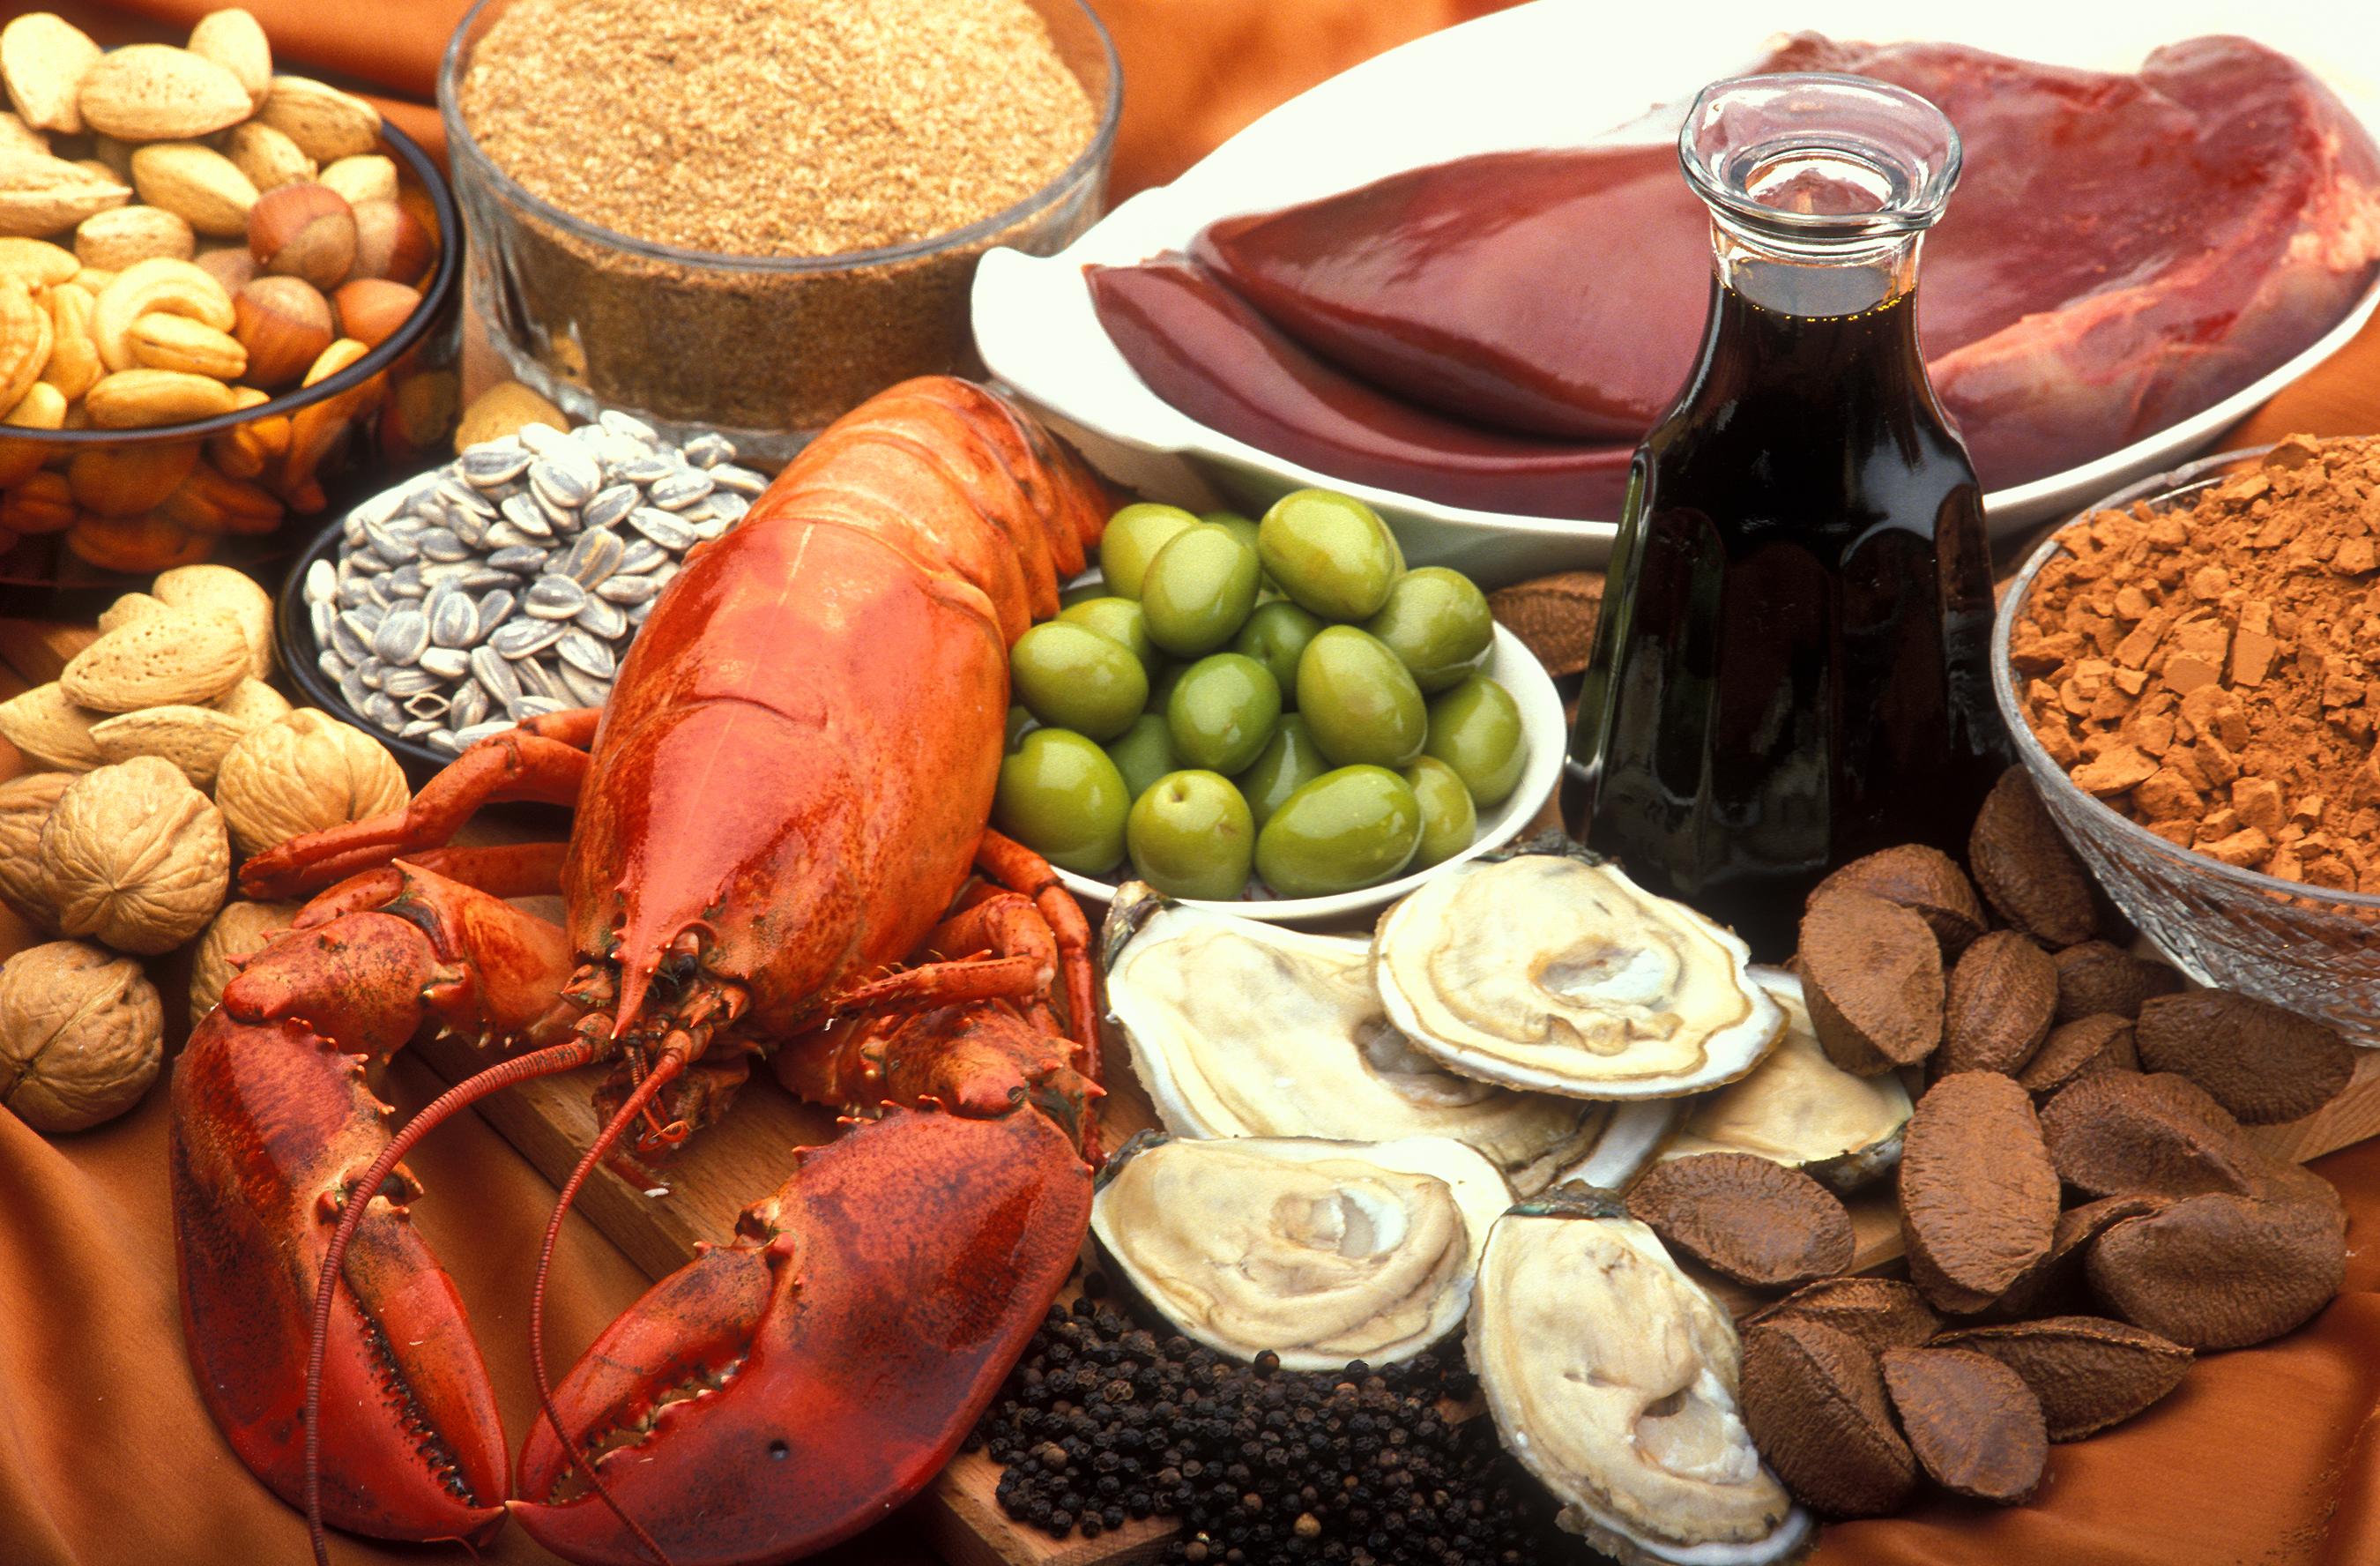 Bakır Eksikliği ve Beslenme – Diyet Tedavisi